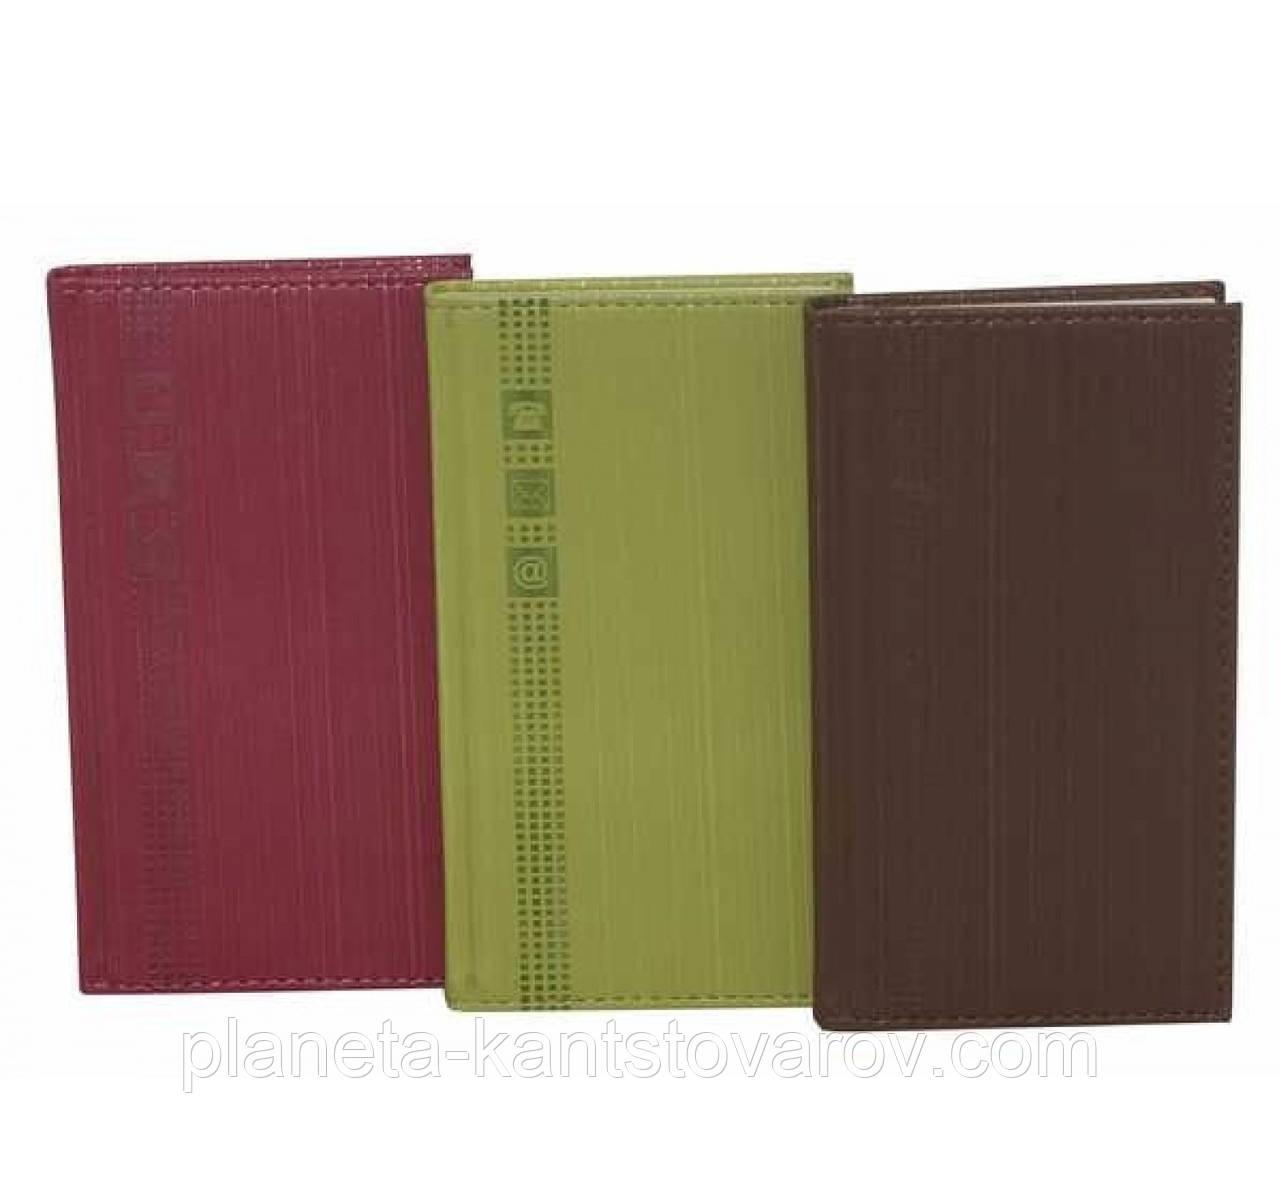 Блокнот-телефонная книга 10.5*18см (90 листов) WB-6467